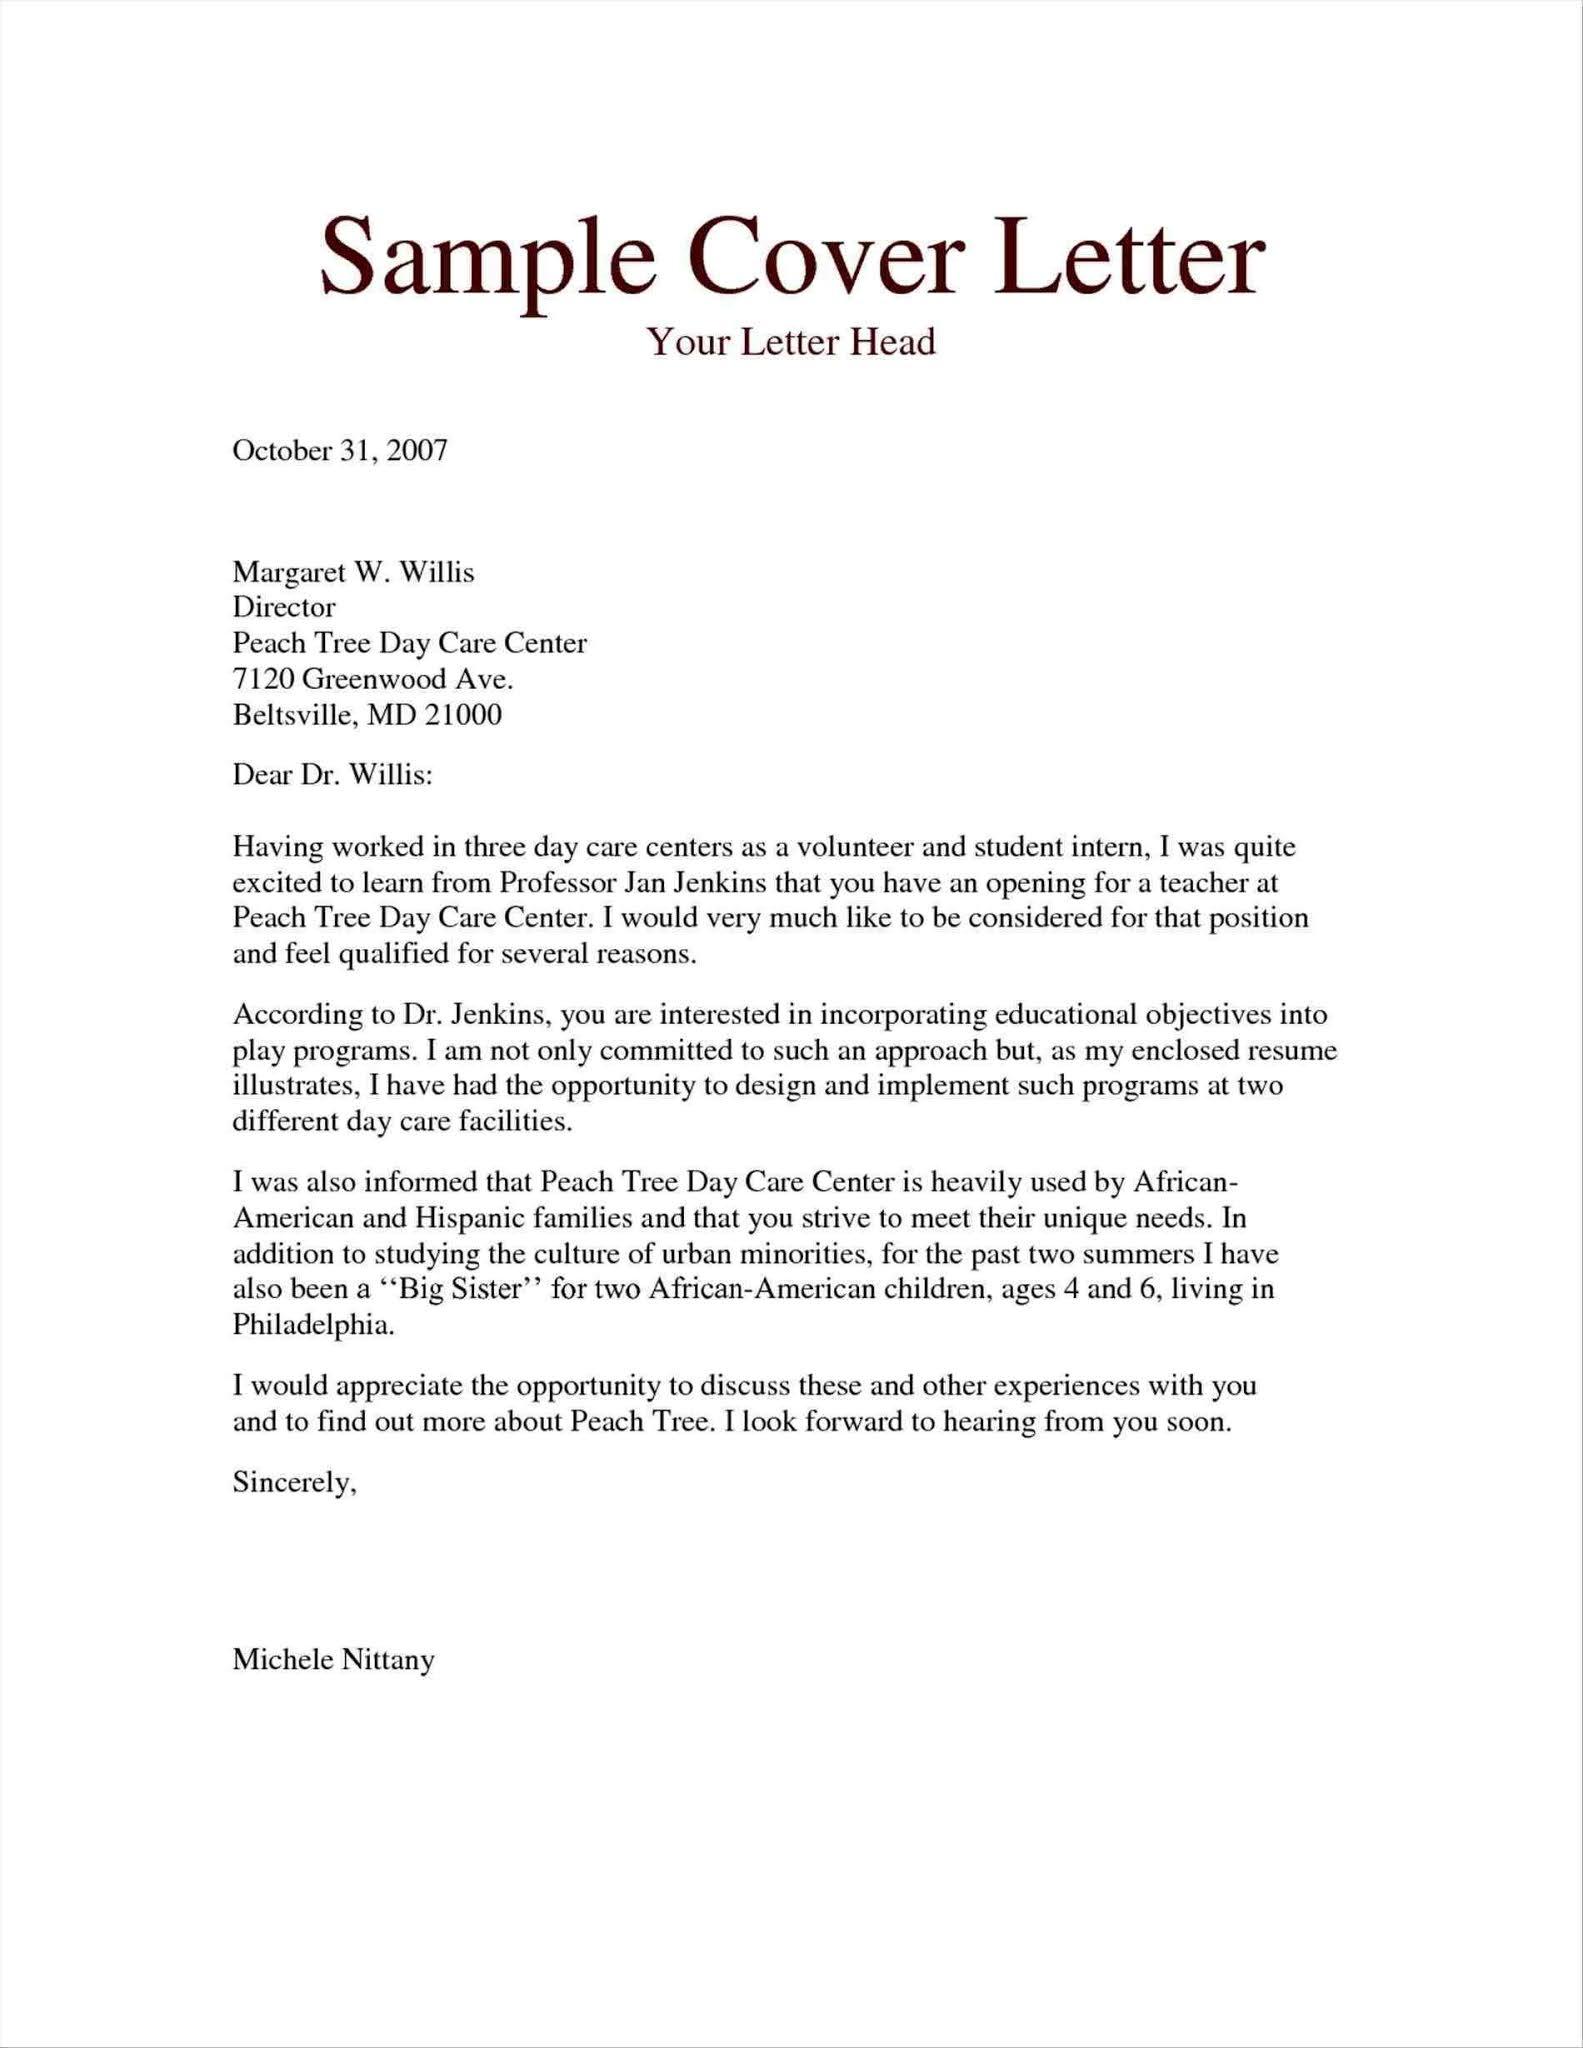 Application Letter For Teacher Job Teacher Cover Letter Teachers Cover Letter Free Job Application Letter Format For Teacher Cover Letter Teaching Of Teachers Cover Letter Wikiresume Com The Below Sample